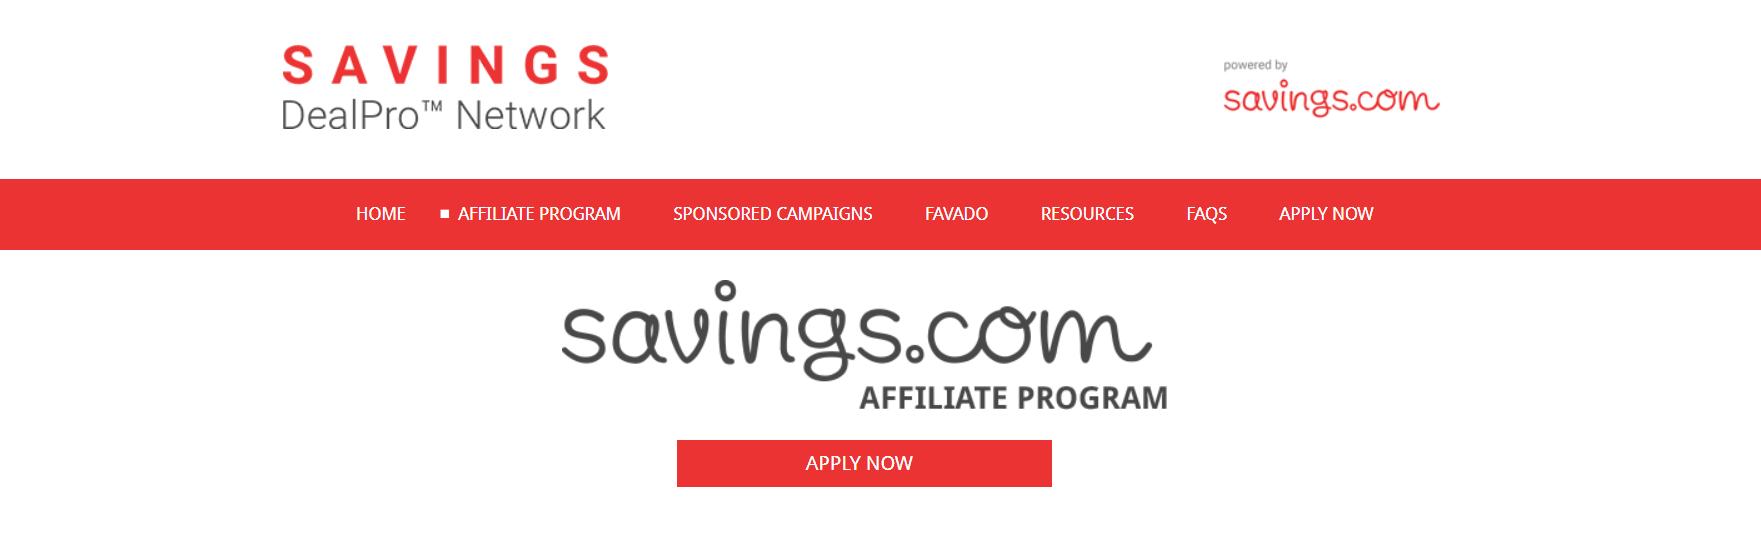 Savings.com- Affiliate Programs